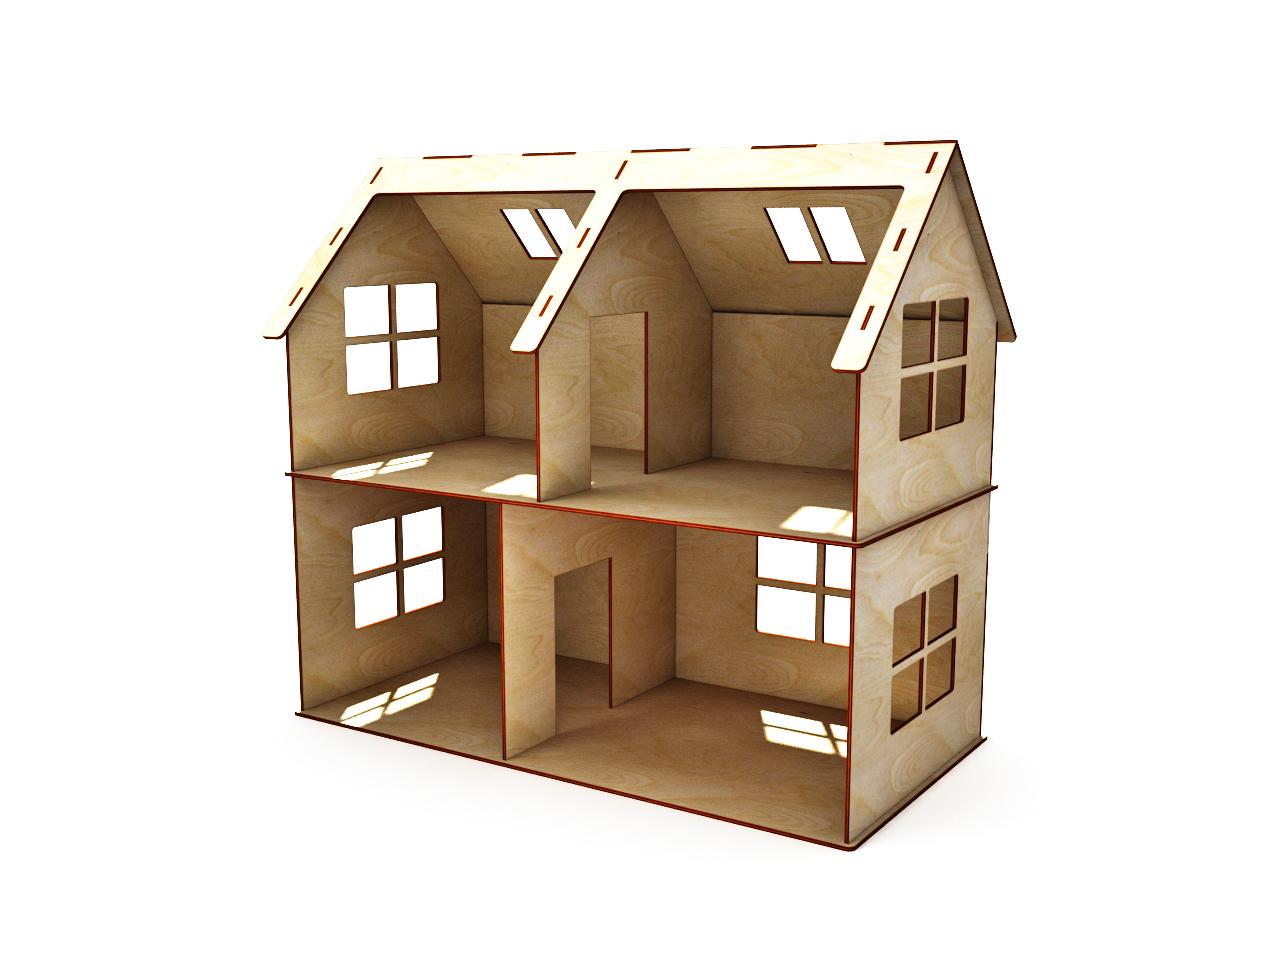 Кукольный домик своими руками из фанеры схема : с размерами чертеж для 85